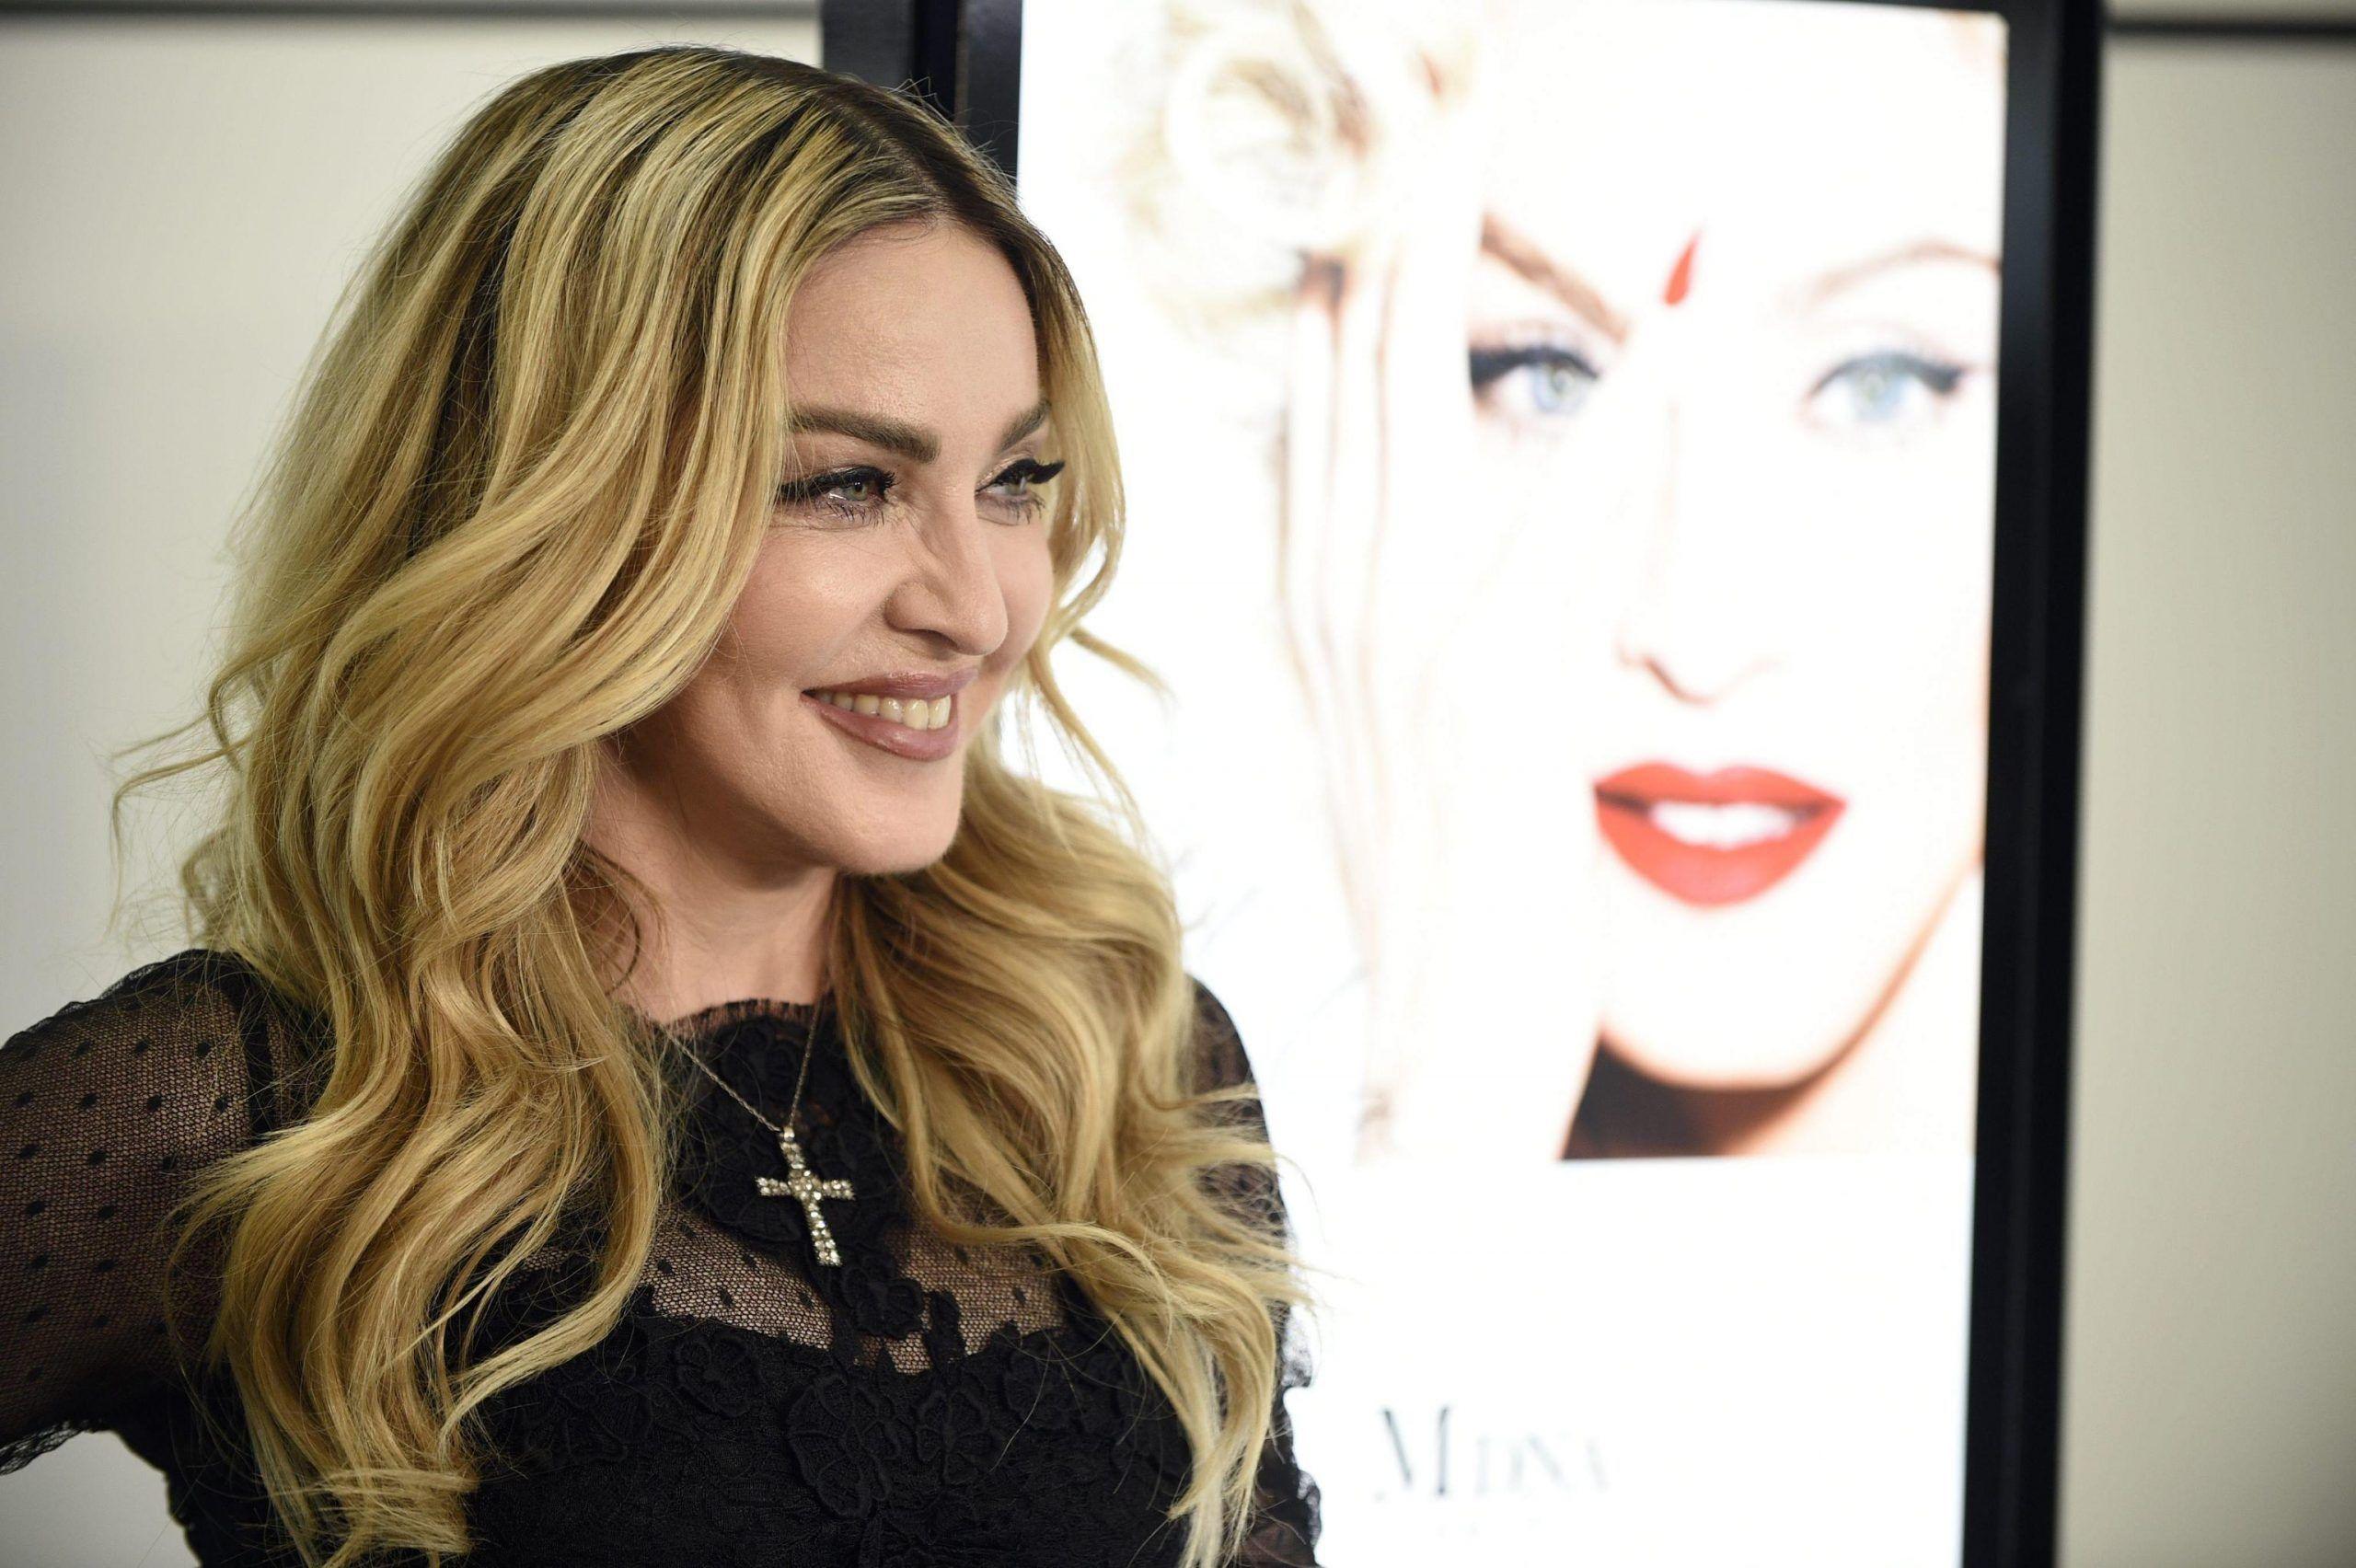 Madonna cerca uno chef privato disposto a viaggiare: lo stipendio è super